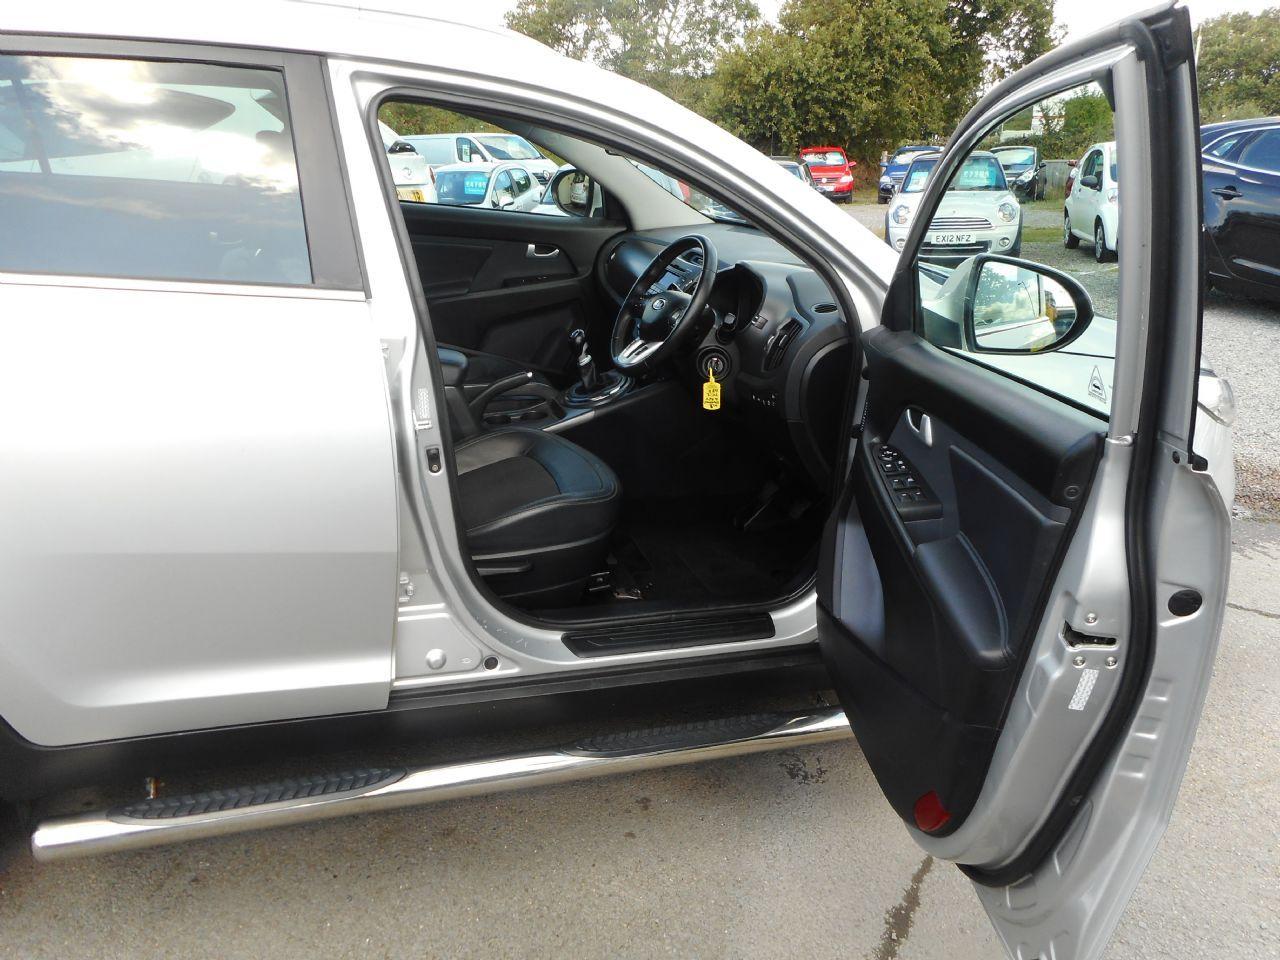 KIA Sportage 1.7 CRDi 2 2WD (2012) - Picture 10